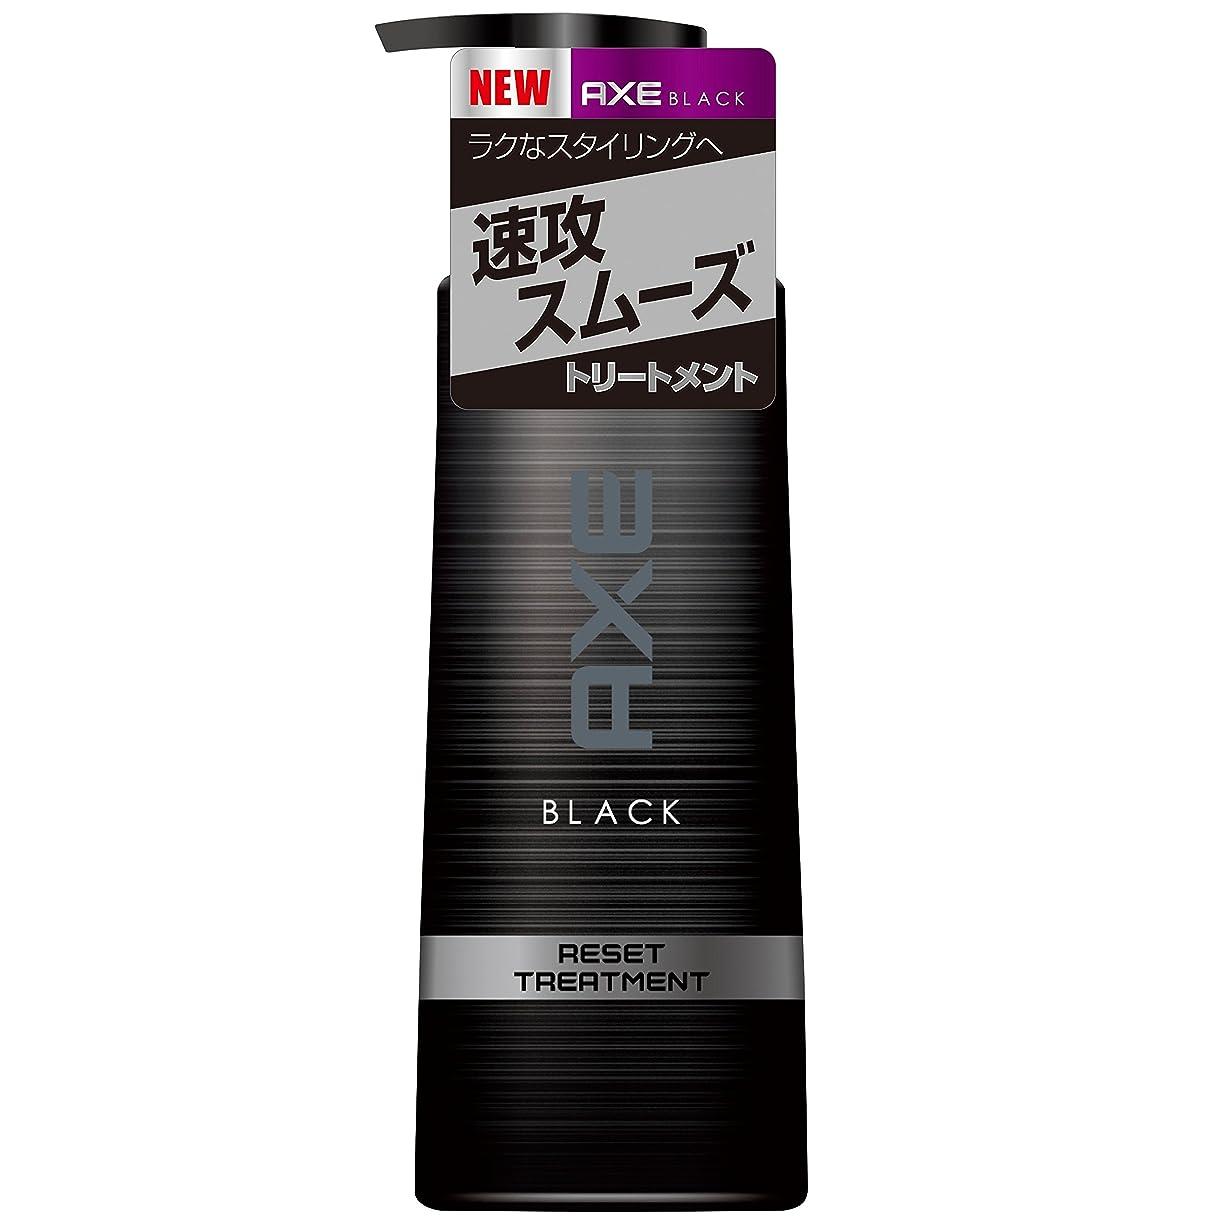 恐れるジレンマ遡るアックス ブラック 男性用 トリートメント ポンプ (速攻スムーズ、ラクなスタイリングへ) 350g (クールマリンのさりげない香り)